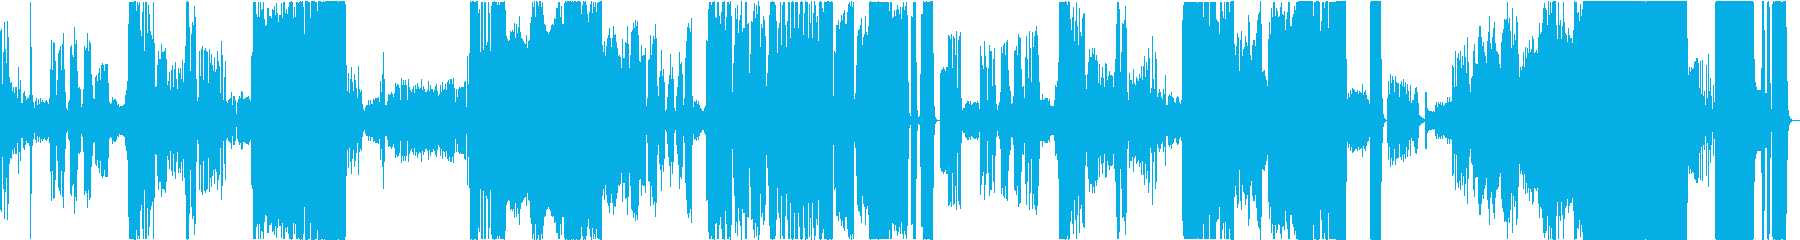 エドヴァルド・グリーグの曲のカバーの再生済みの波形